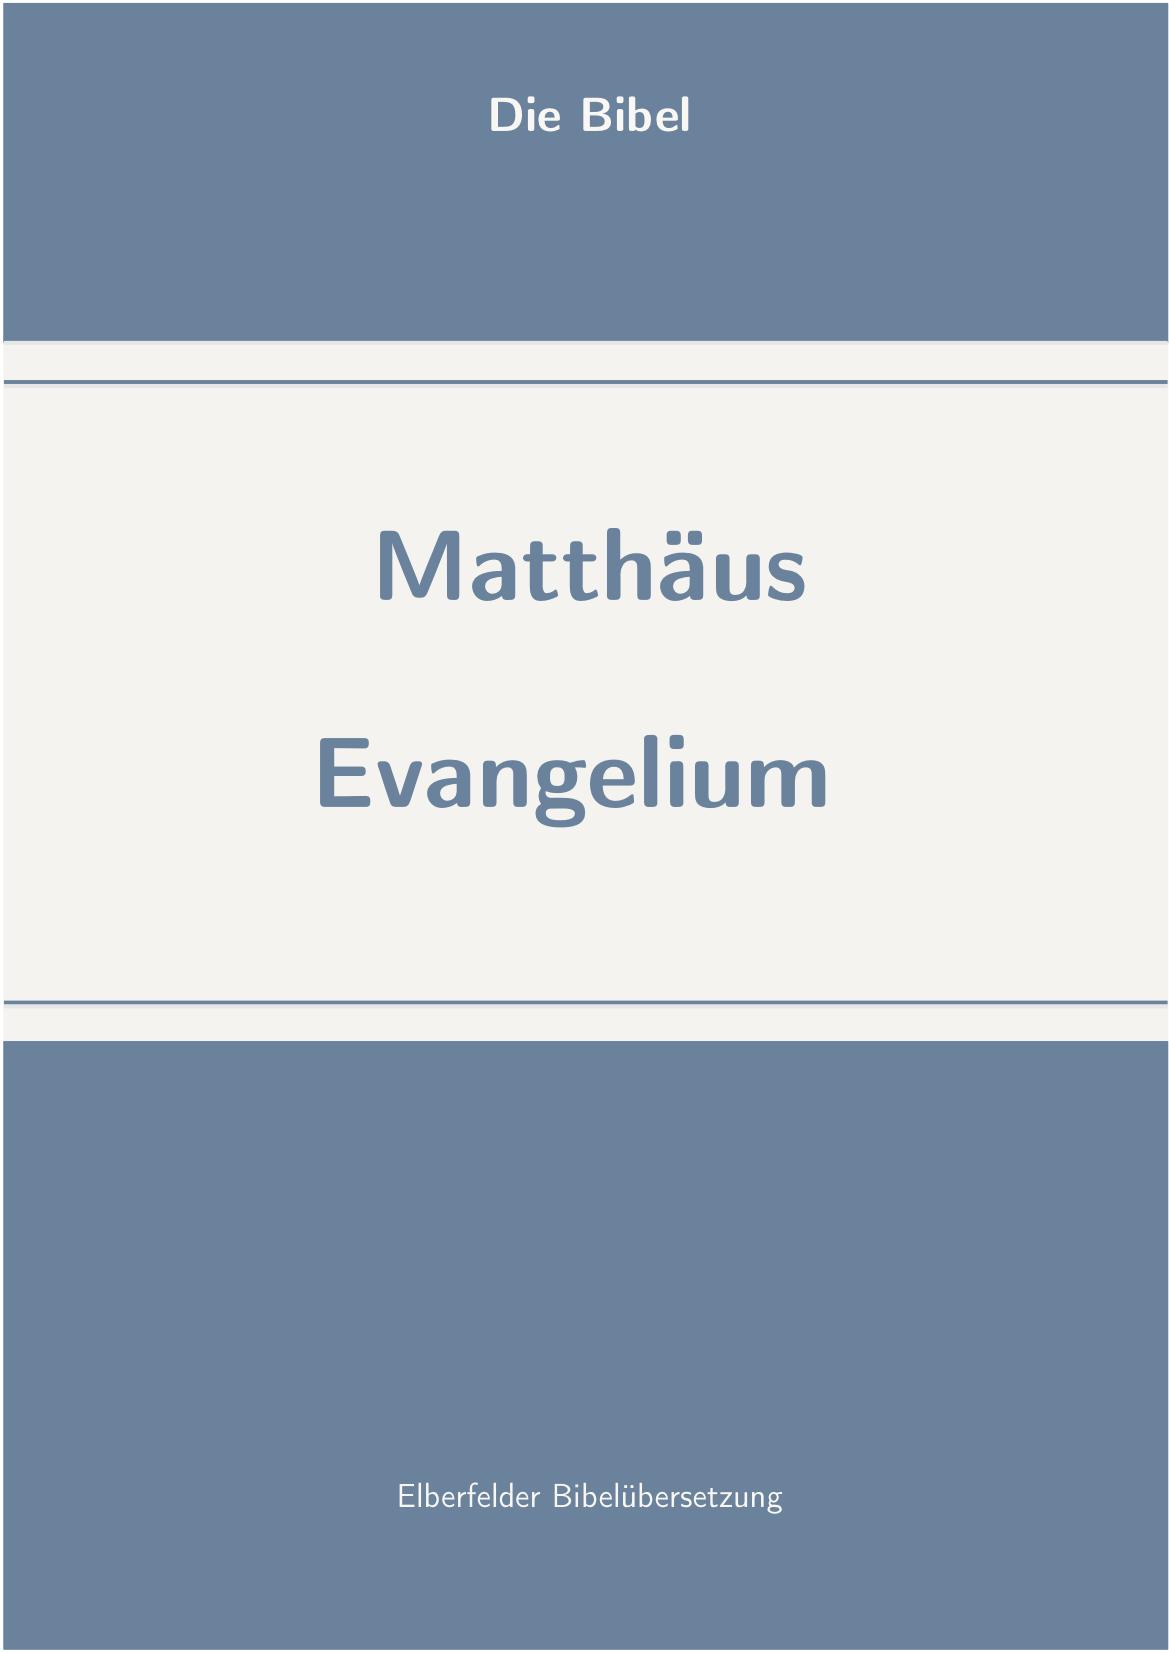 40-matthaeus